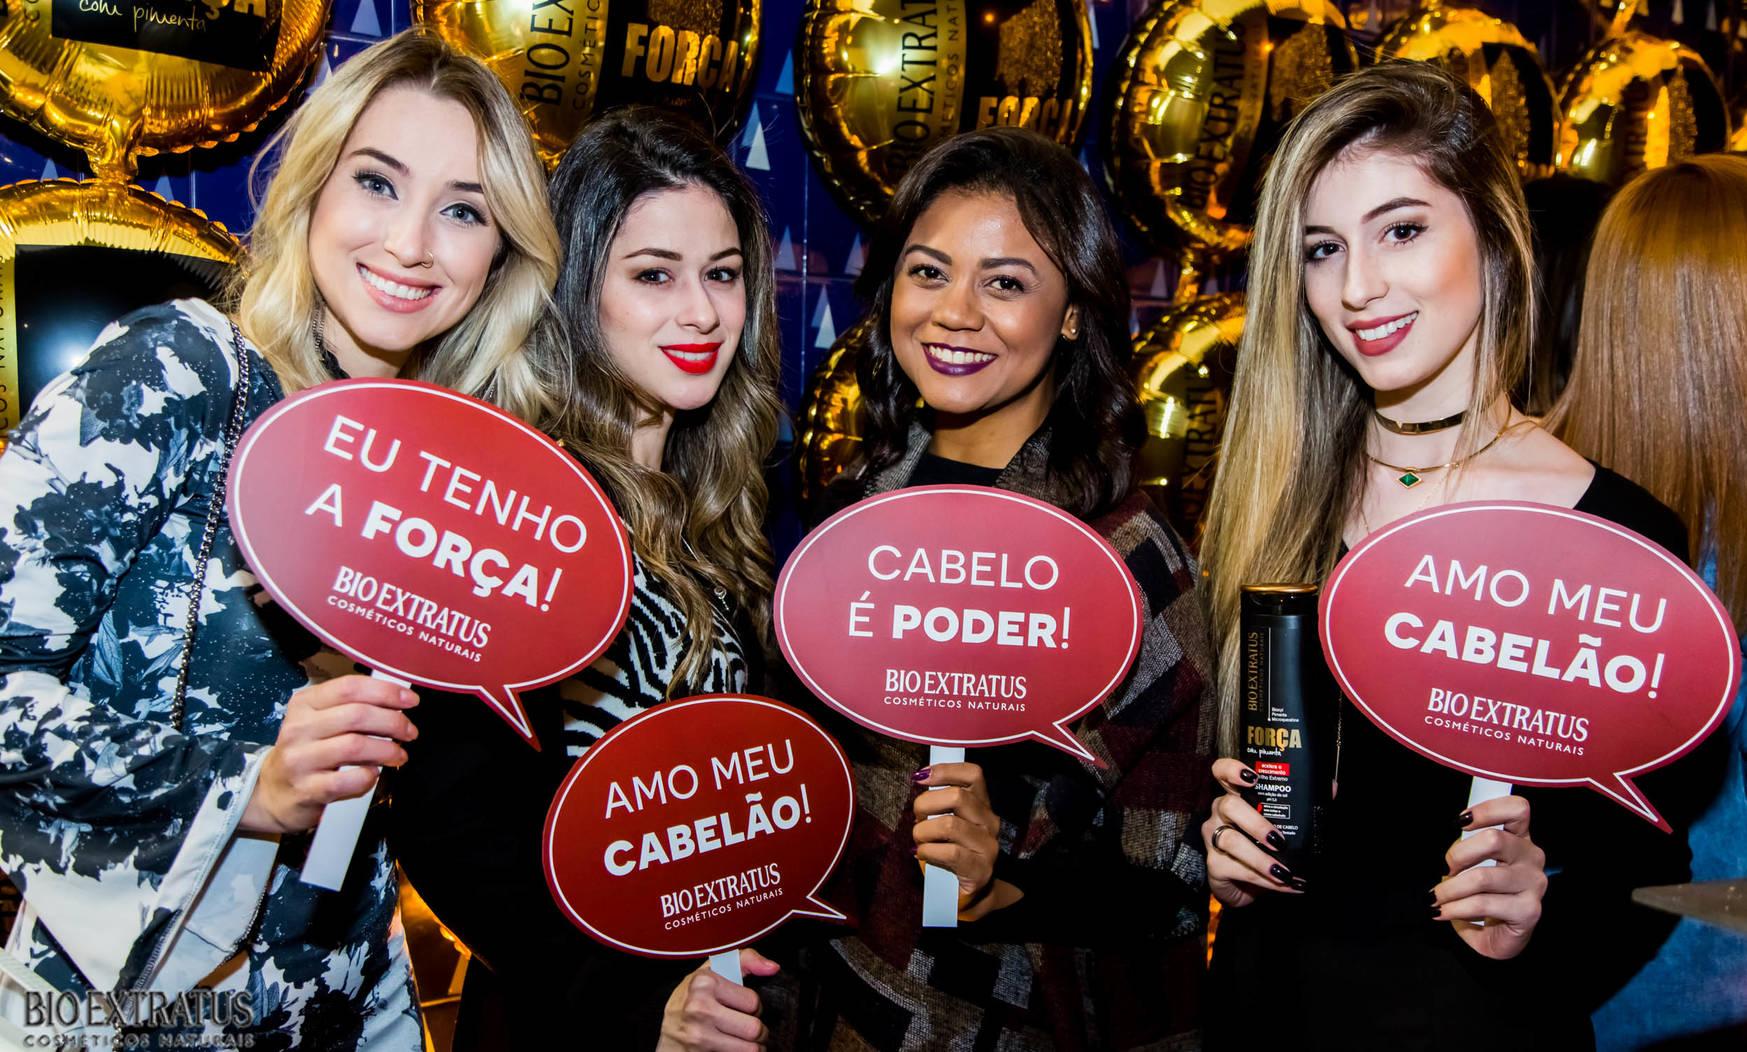 Coquetel de Lançamento da Linha Força com Pimenta em Belo Horizonte - 13